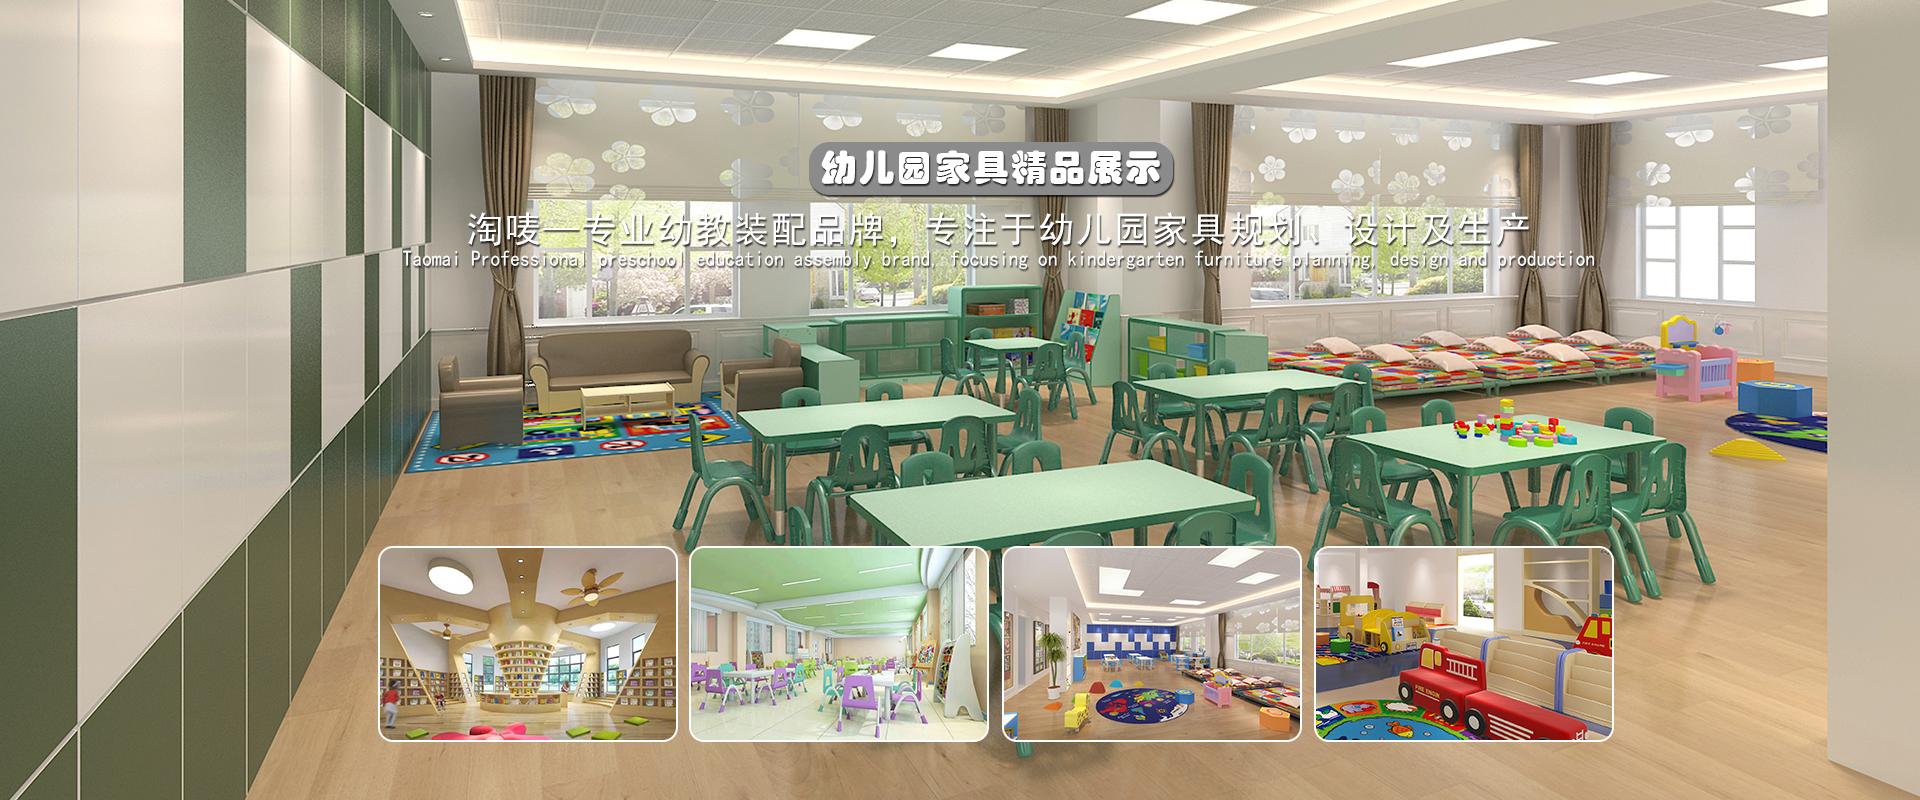 幼儿园家具+幼教装备+幼儿园桌椅+幼儿园床